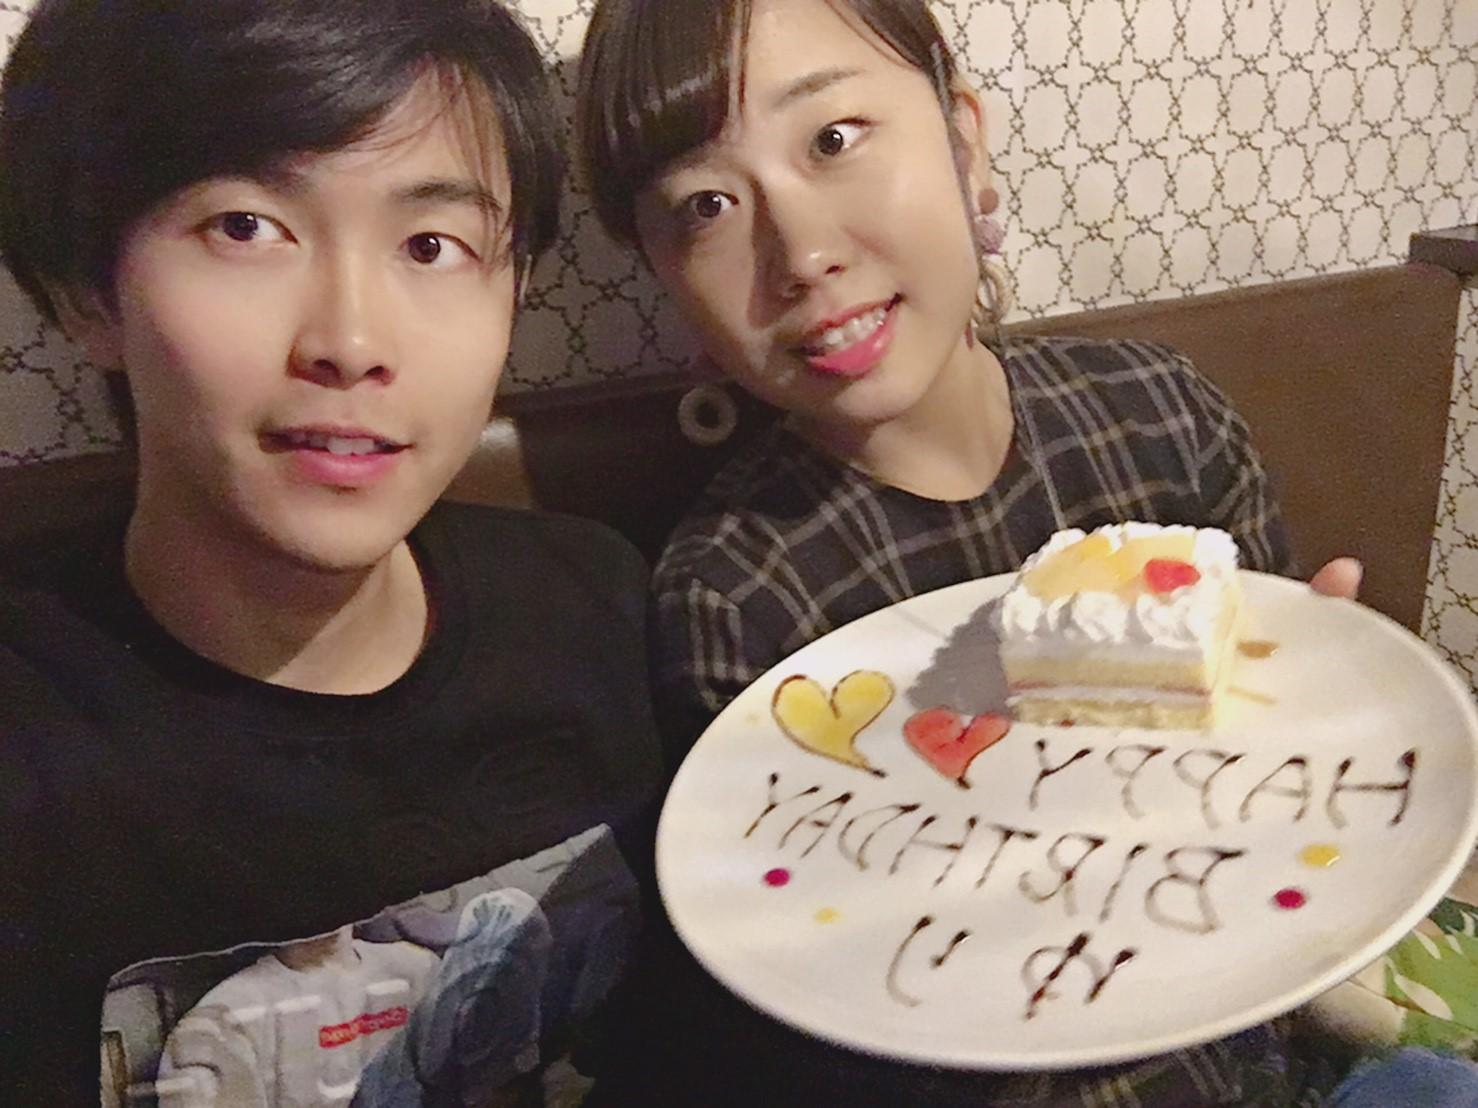 ベビーフェイスプラネッツ三河安城店で誕生日サプライズ祝い!安いし個室!高校生でもok!